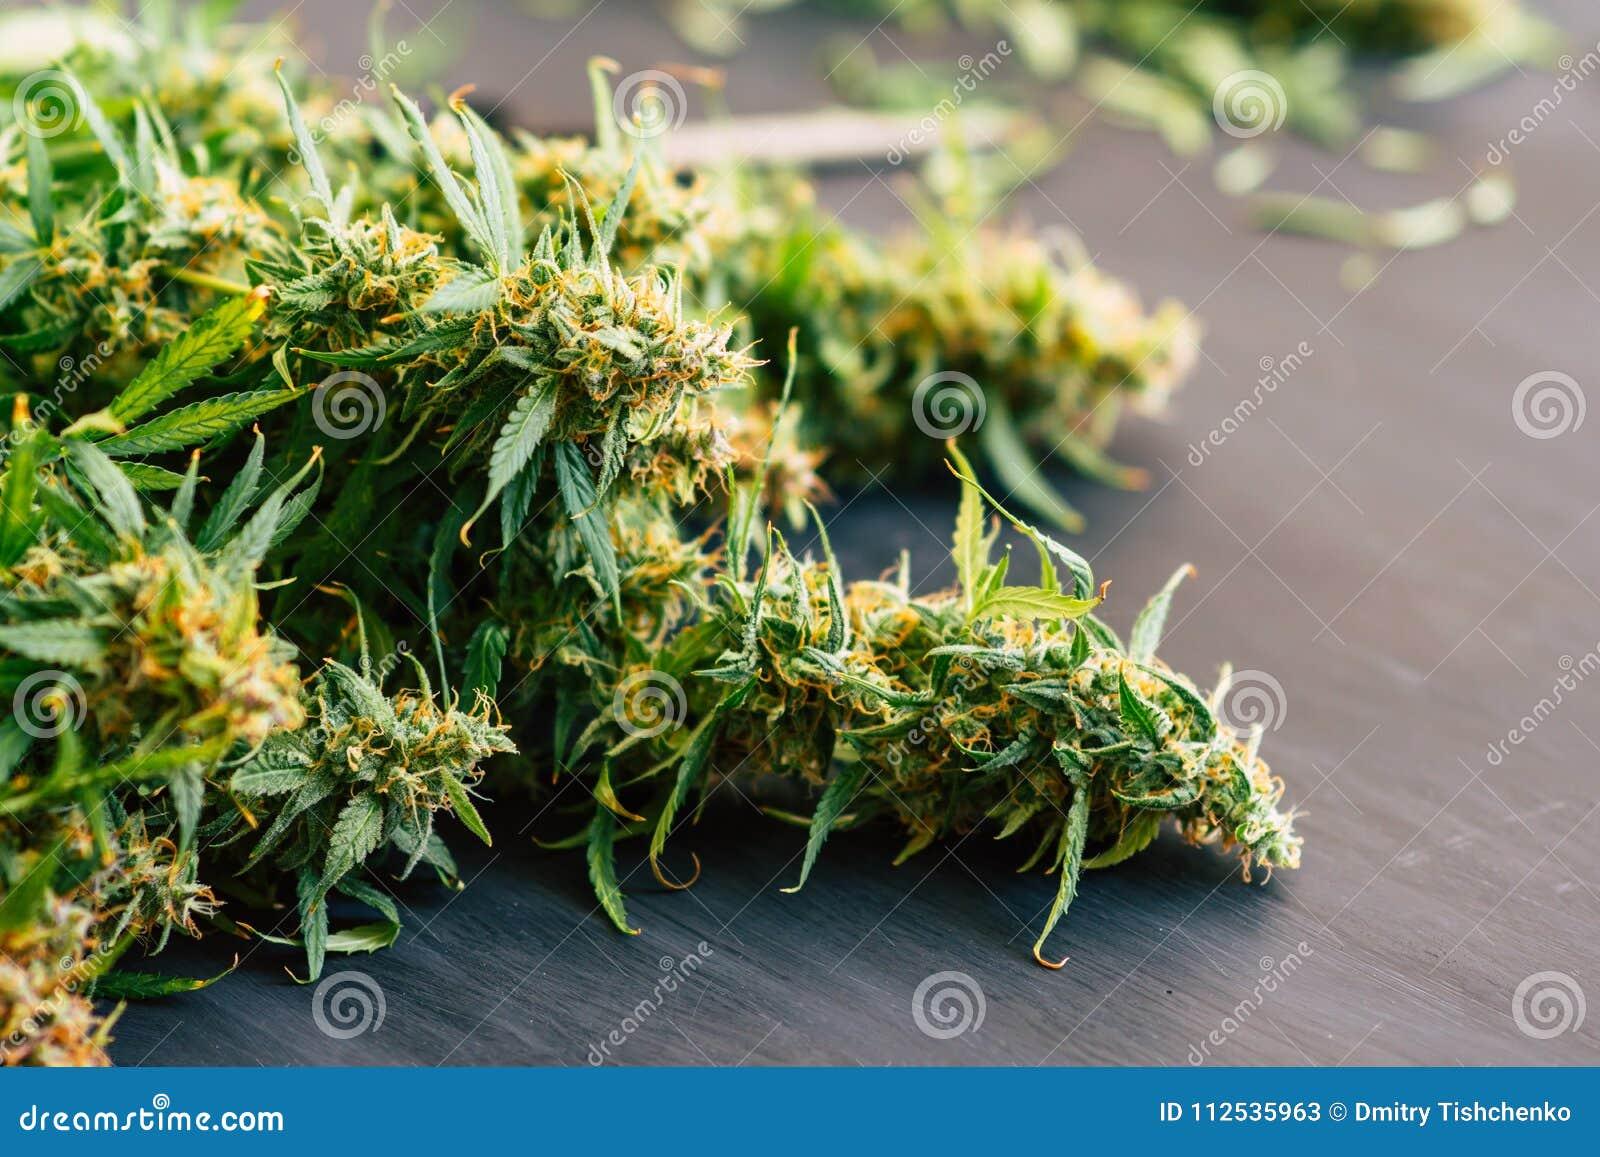 Grote knoppen van verse cannabis op een zwarte achtergrond van een houten lijst